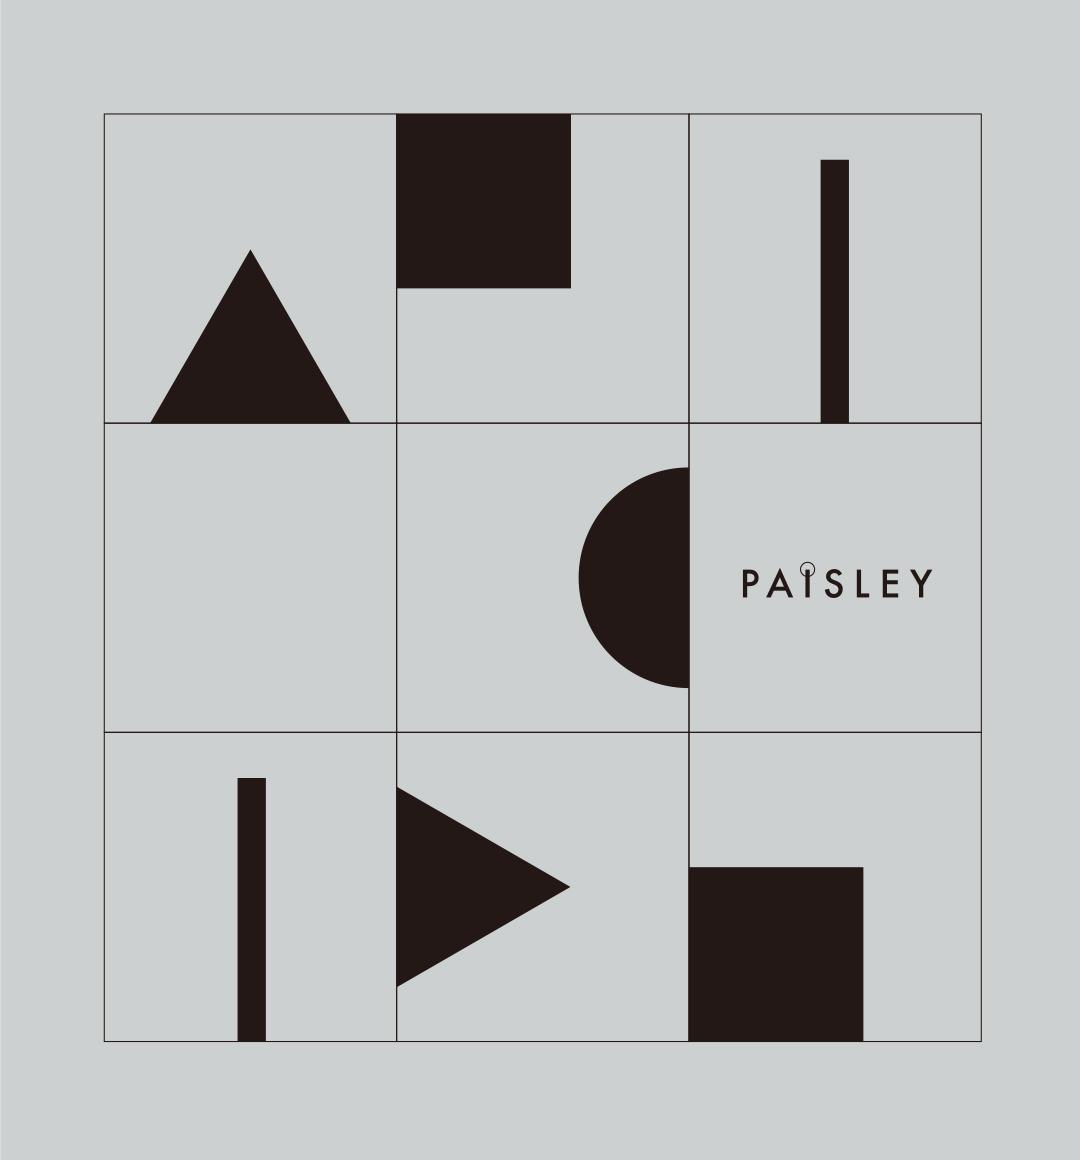 Paisley original May Calendar Free Download.